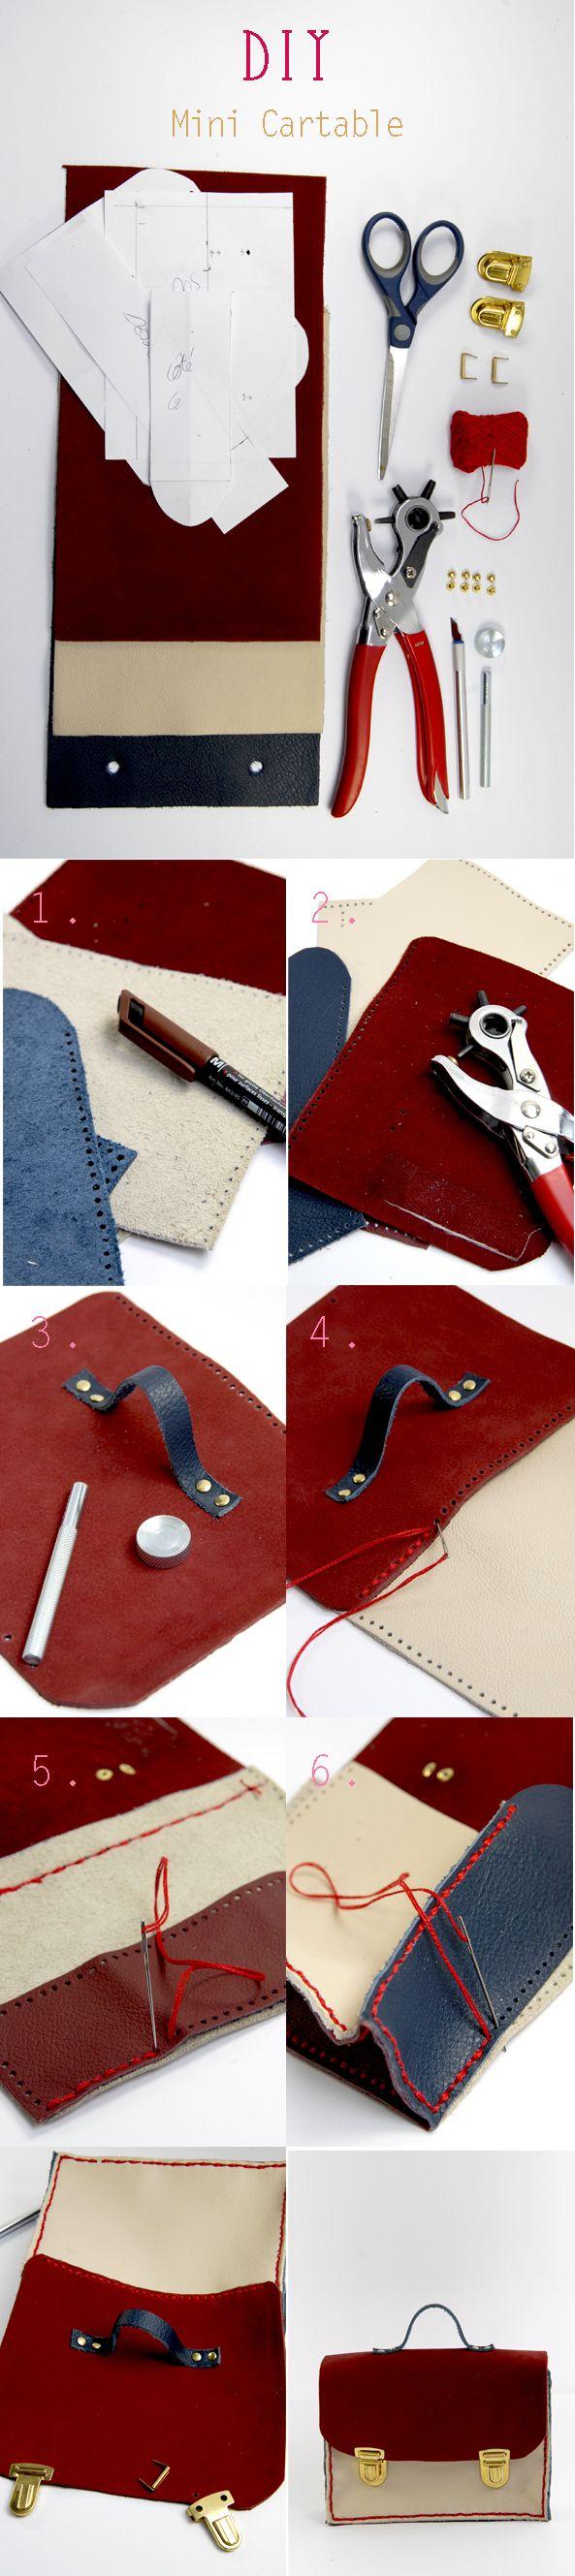 Tuto mini cartable en cuir. Autor demandée à Nadja le 21 août pour la catégorie Couture